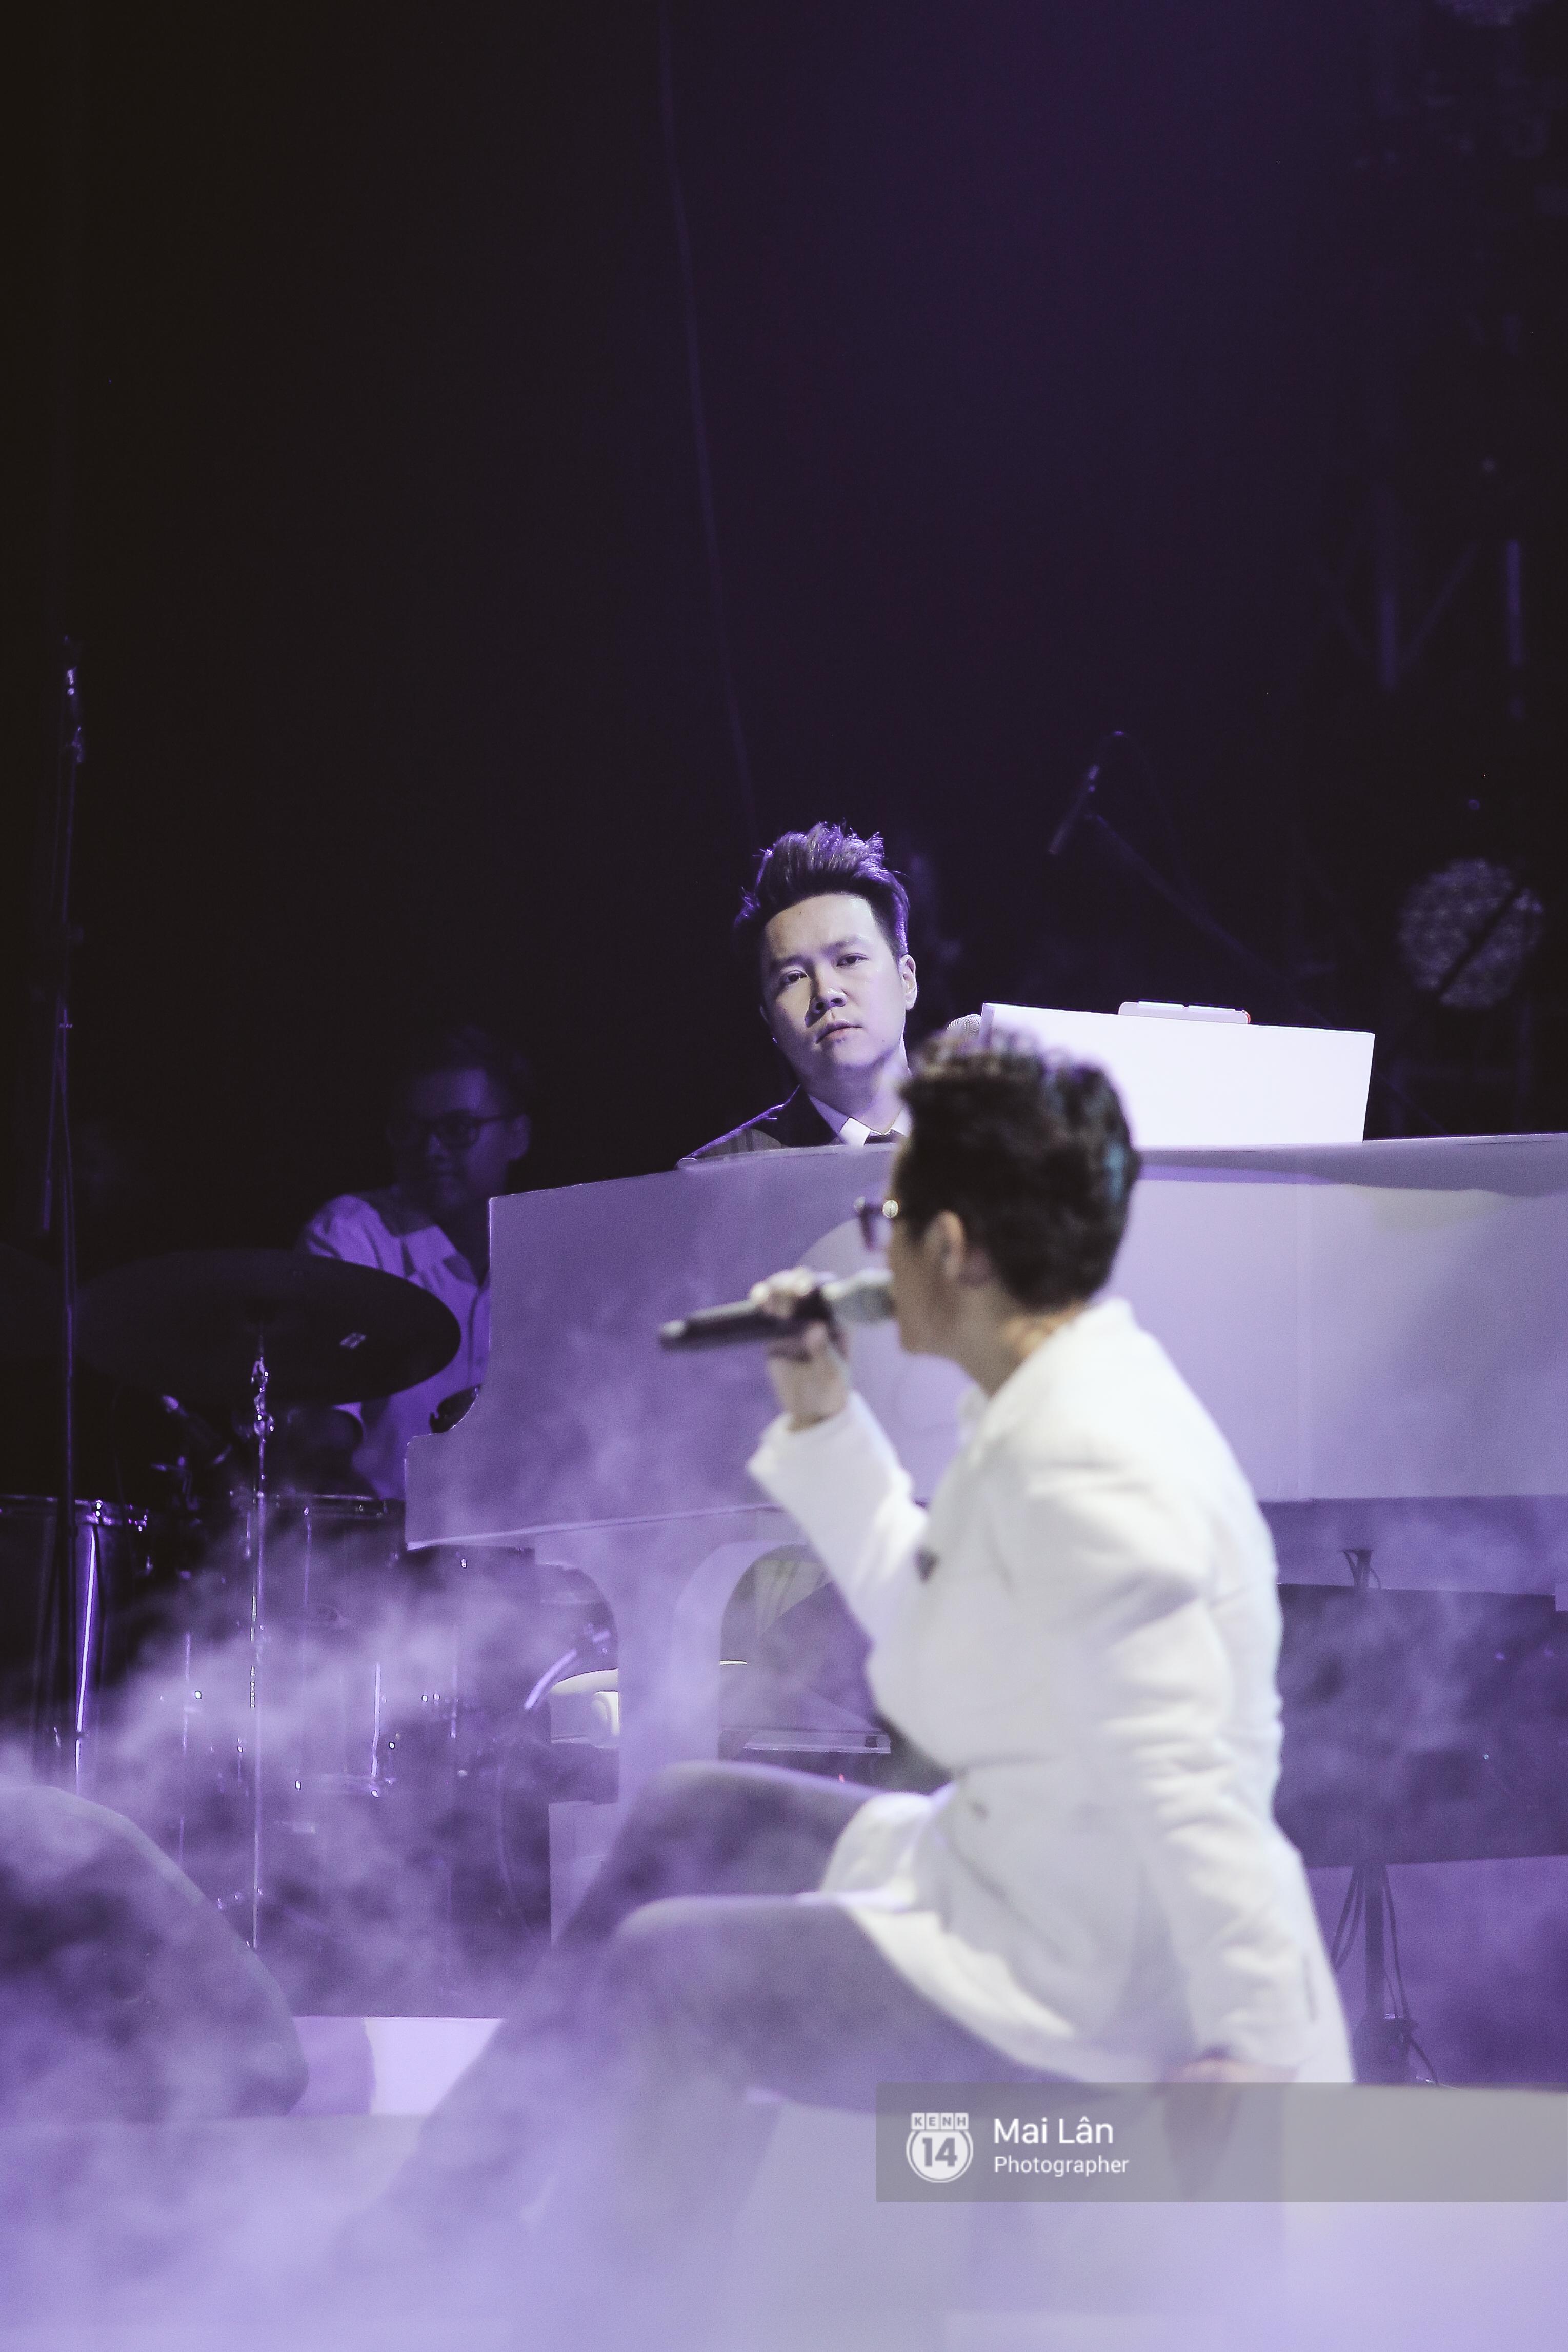 Quên Hà Anh Tuấn đi, hãy thưởng thức Fragile Concert hết mình bằng cả thanh xuân của bạn - Ảnh 14.